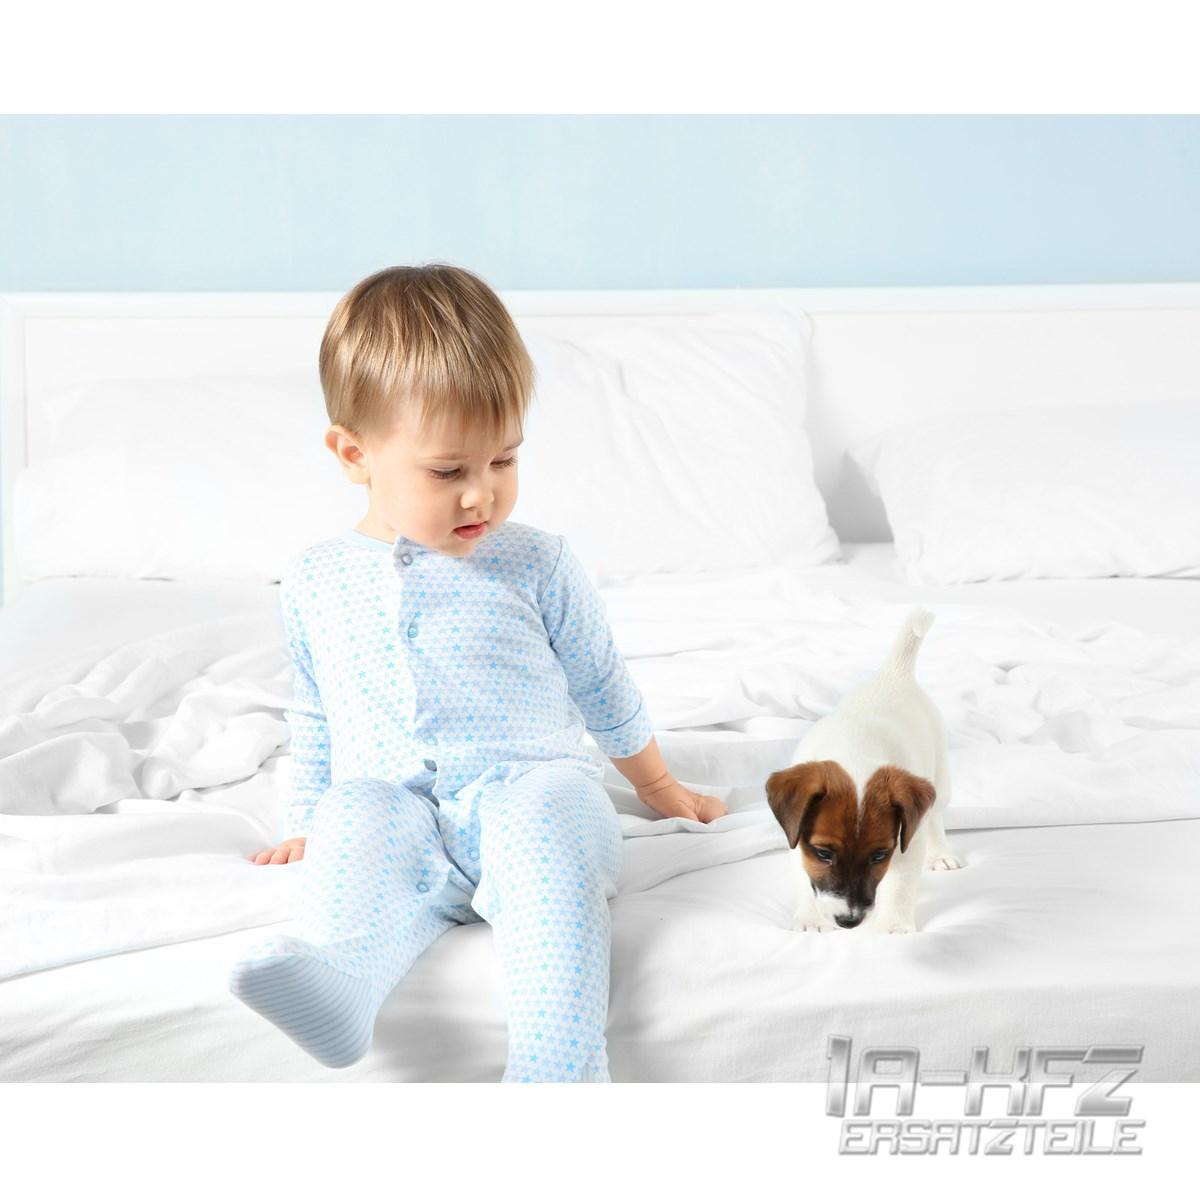 matratzenschoner matratzenschutz bettbezug betteinlage wasserdicht 140 x 200 cm ebay. Black Bedroom Furniture Sets. Home Design Ideas